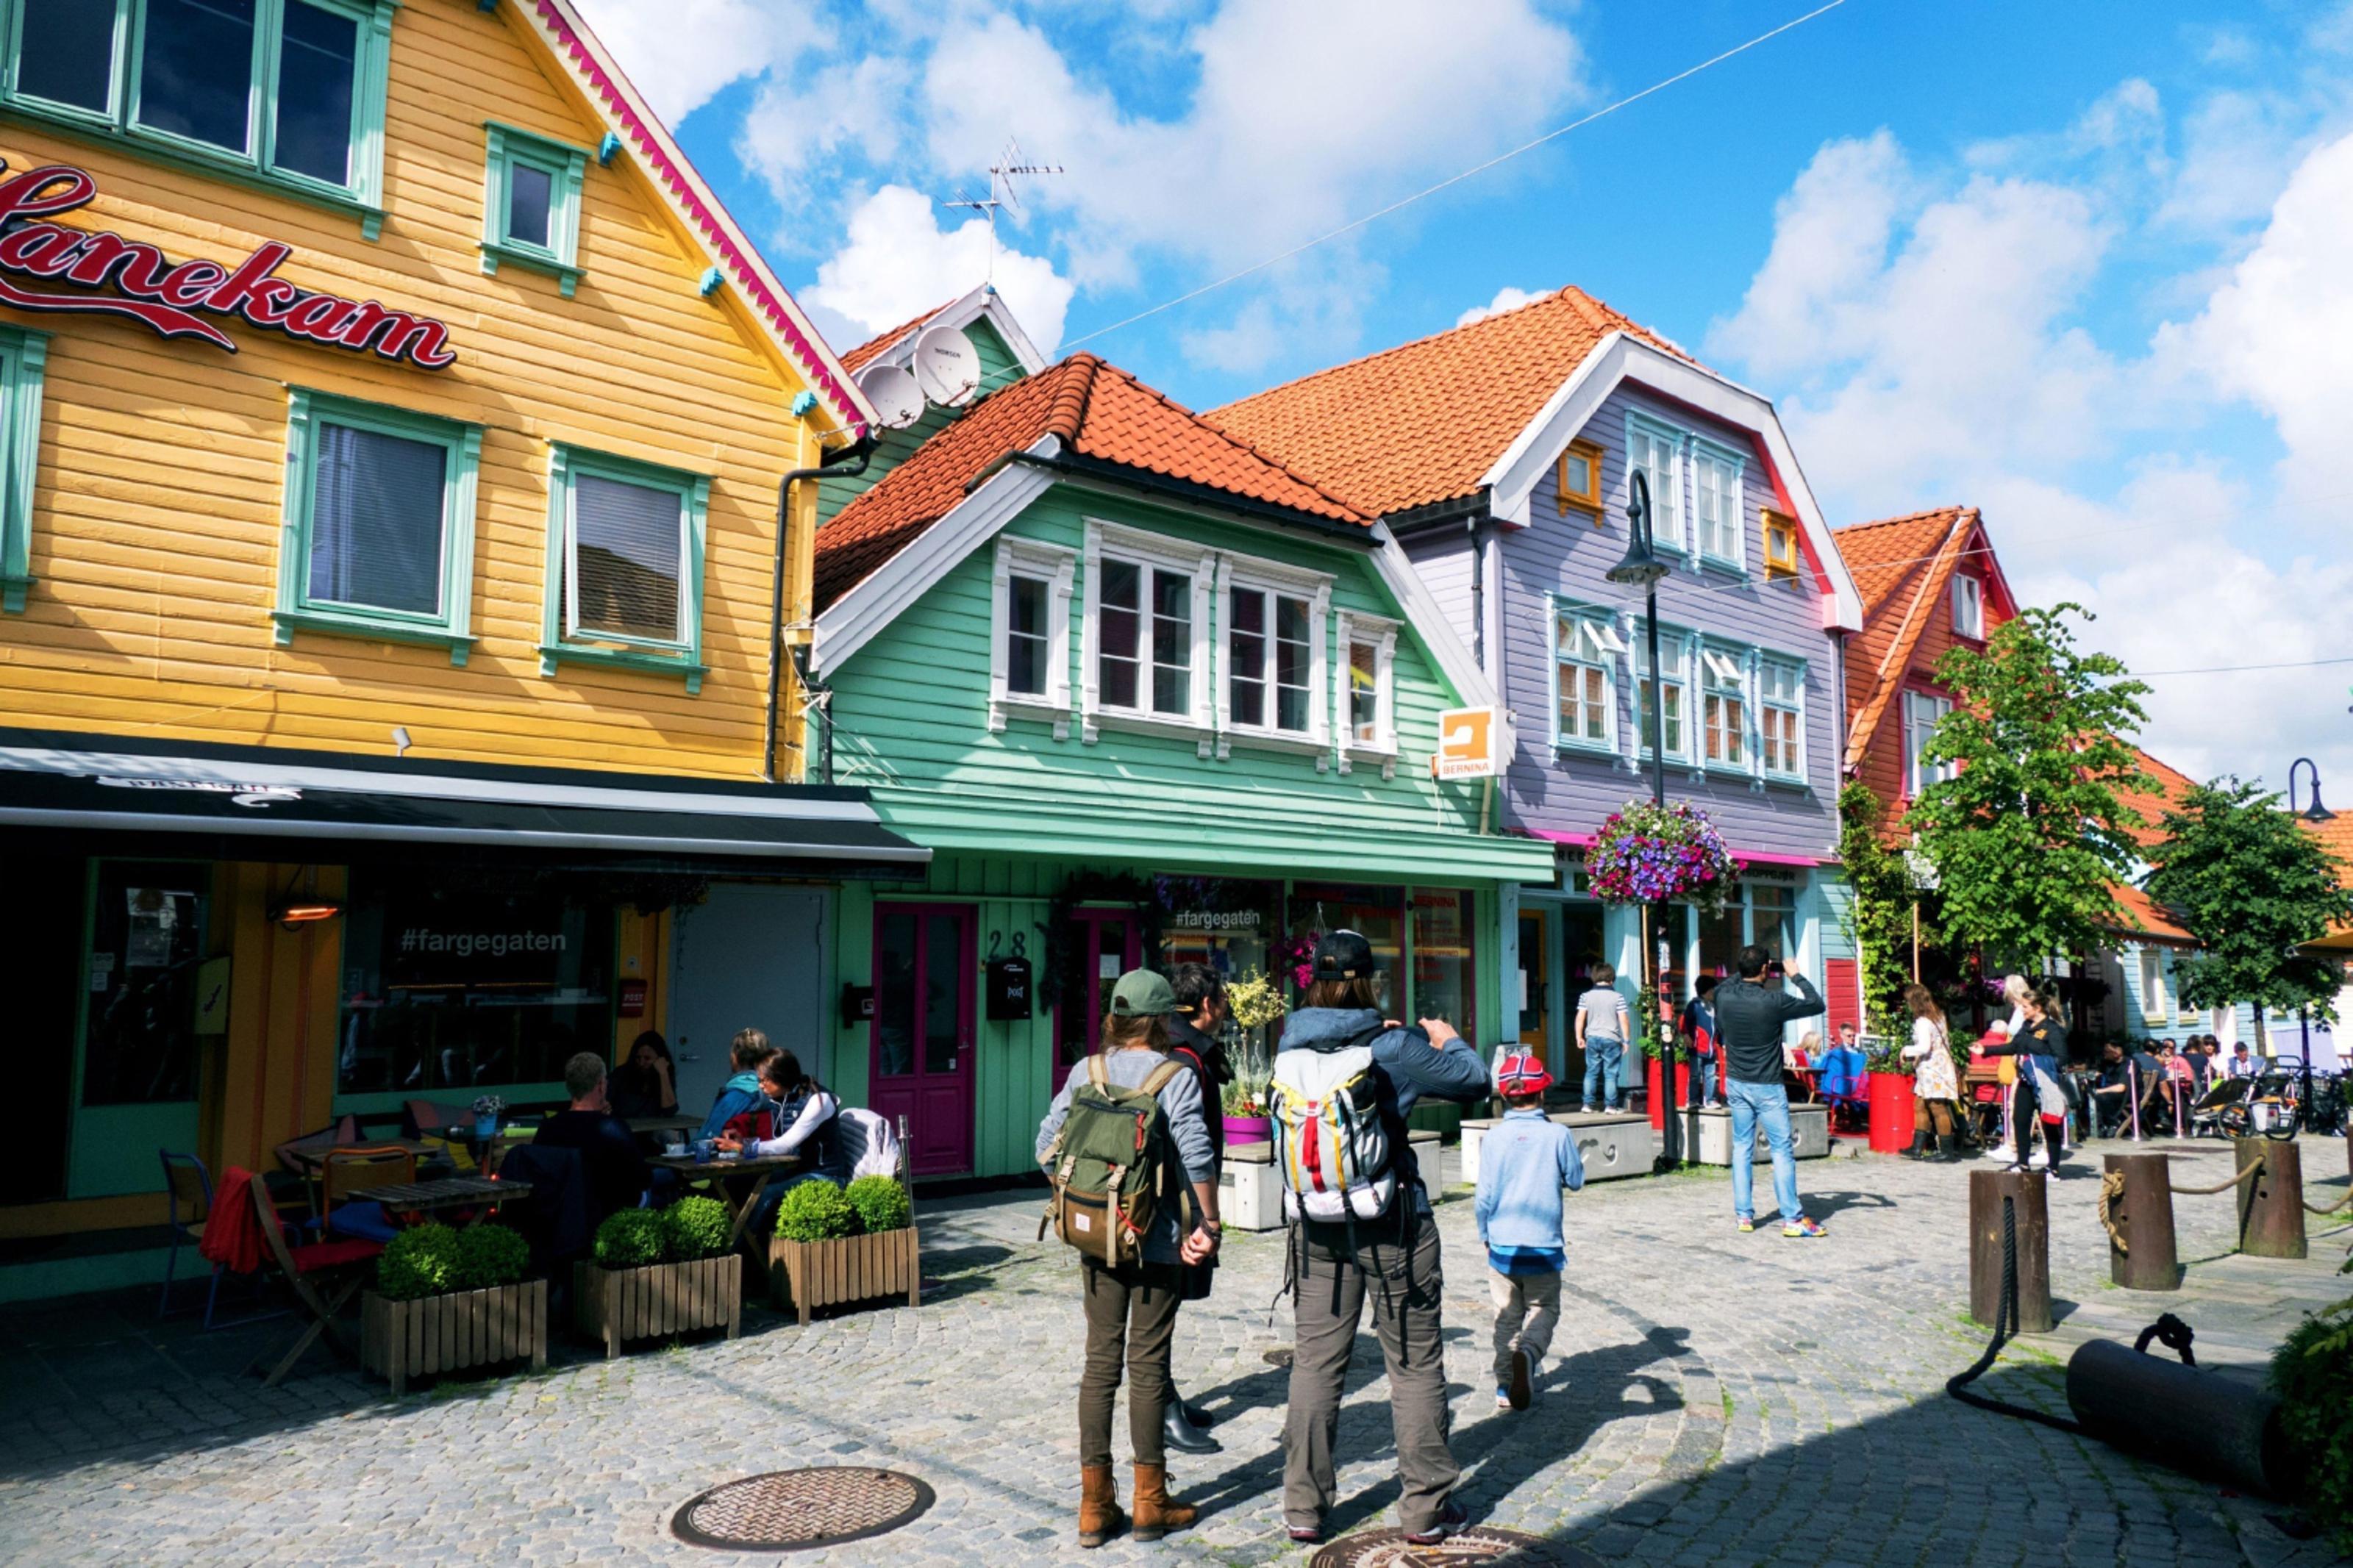 Ovre Holmegate, Stavanger.